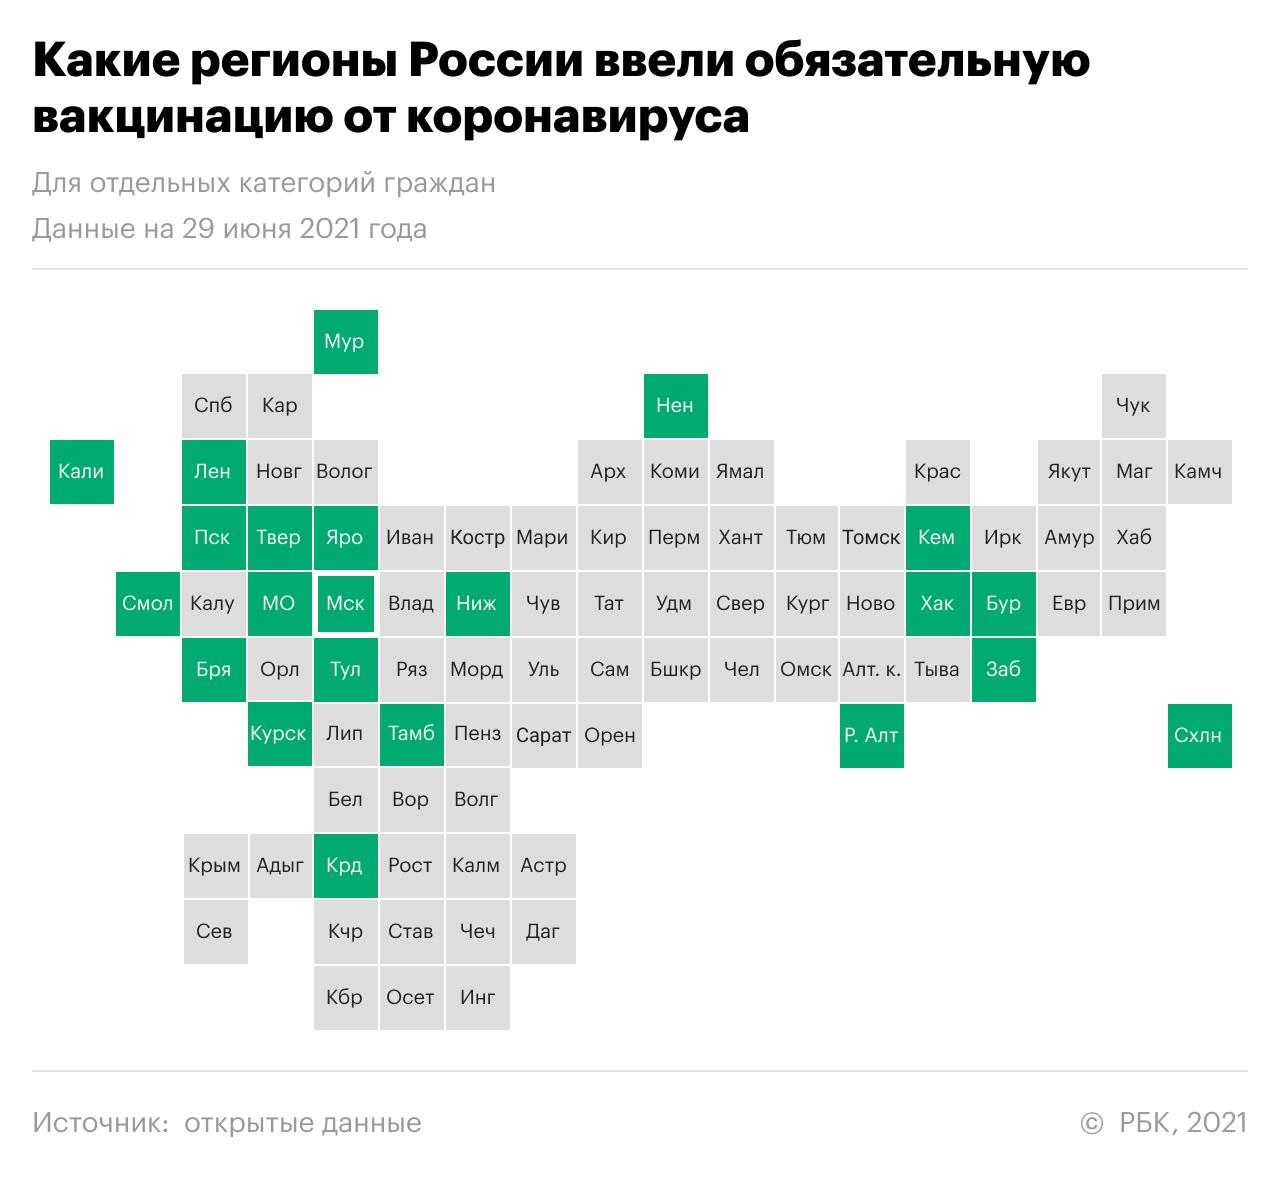 Как пройти ревакцинацию от коронавируса в Москве. Инструкция